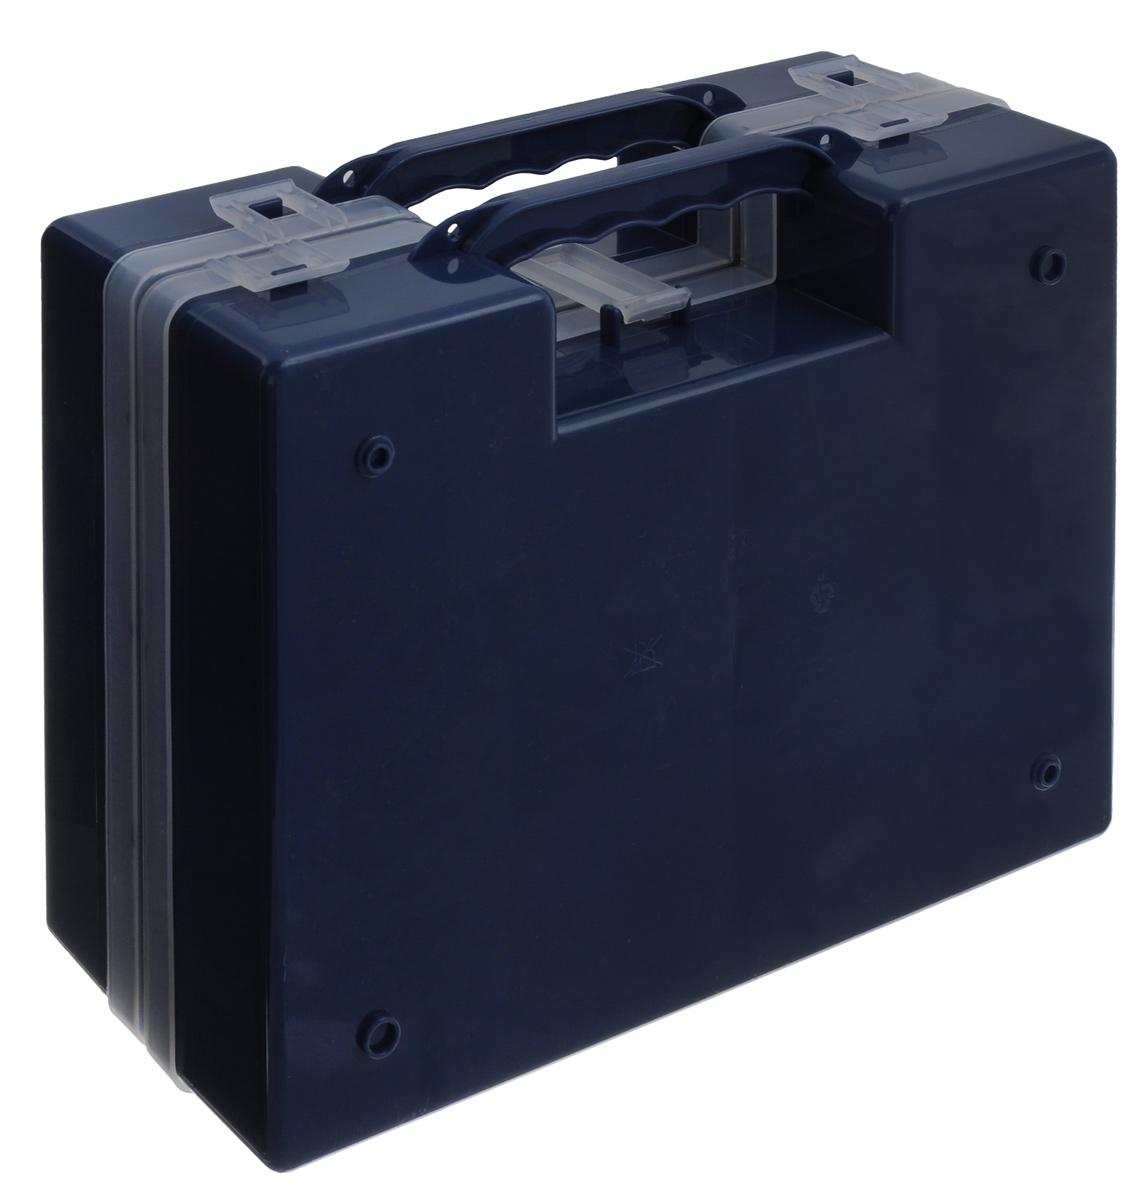 Органайзер Idea, двойной, цвет: синий, 27,2 см х 21,7 см х 10 смМ 2957_синийОрганайзер Idea изготовлен из высококачественного прочного пластика и предназначен для хранения и переноски инструментов. Состоит из 2-х органайзеров, прикрепленных друг к другу. Внутри каждого - 14 прямоугольных секций разной формы. Органайзеры надежно закрываются при помощи пластмассовых защелок. Крышки выполнены из прозрачного пластика, что позволяет видеть содержимое. Благодаря специальным крепежам оба органайзера надежно соединены друг с другом. Размеры секций: 24 секции Размер: 6,6 см х 5,3 см х 4,7 см; 4 секции Размер: 8,1 см х 3,3 см х 4,7 см.